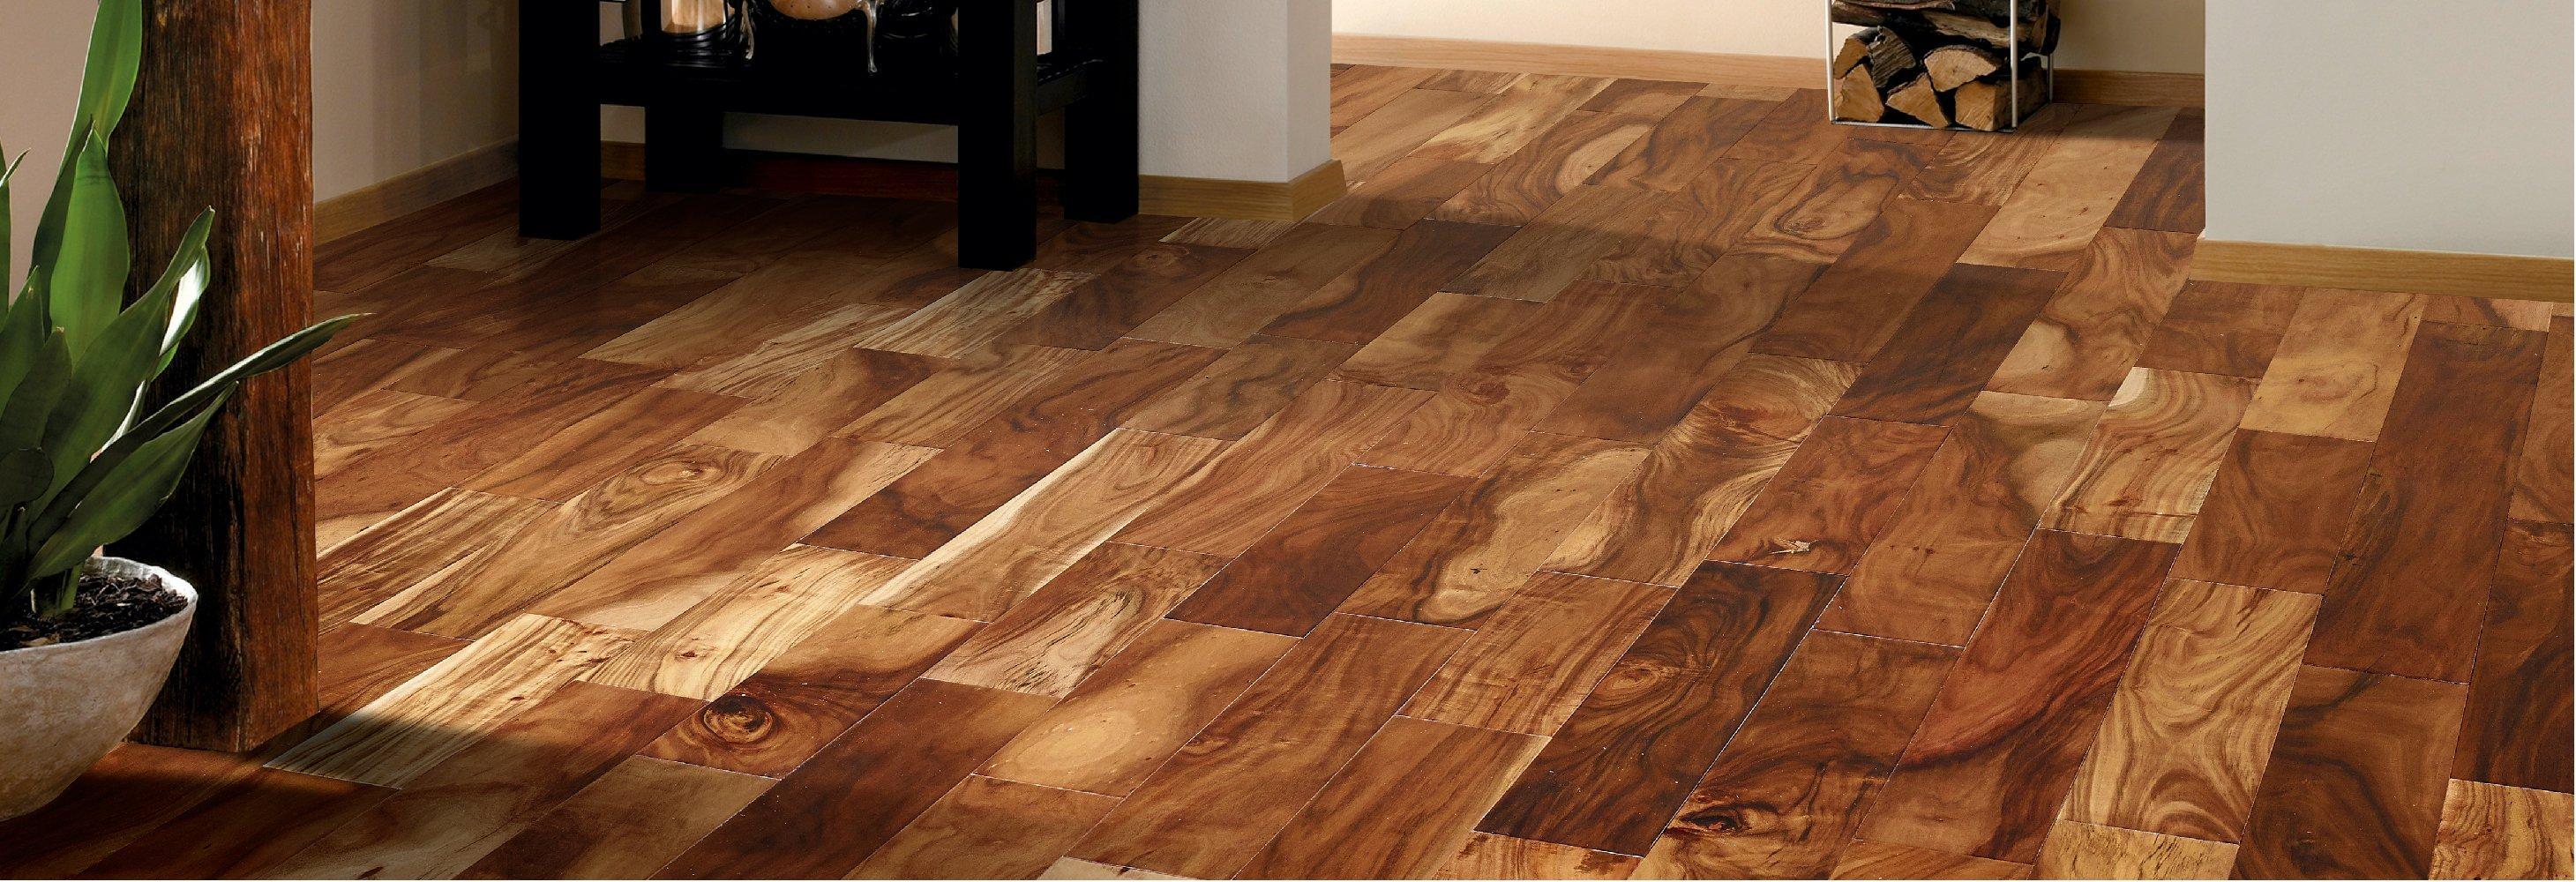 engineered hardwood floor engineered hardwood flooring CZAYIMB